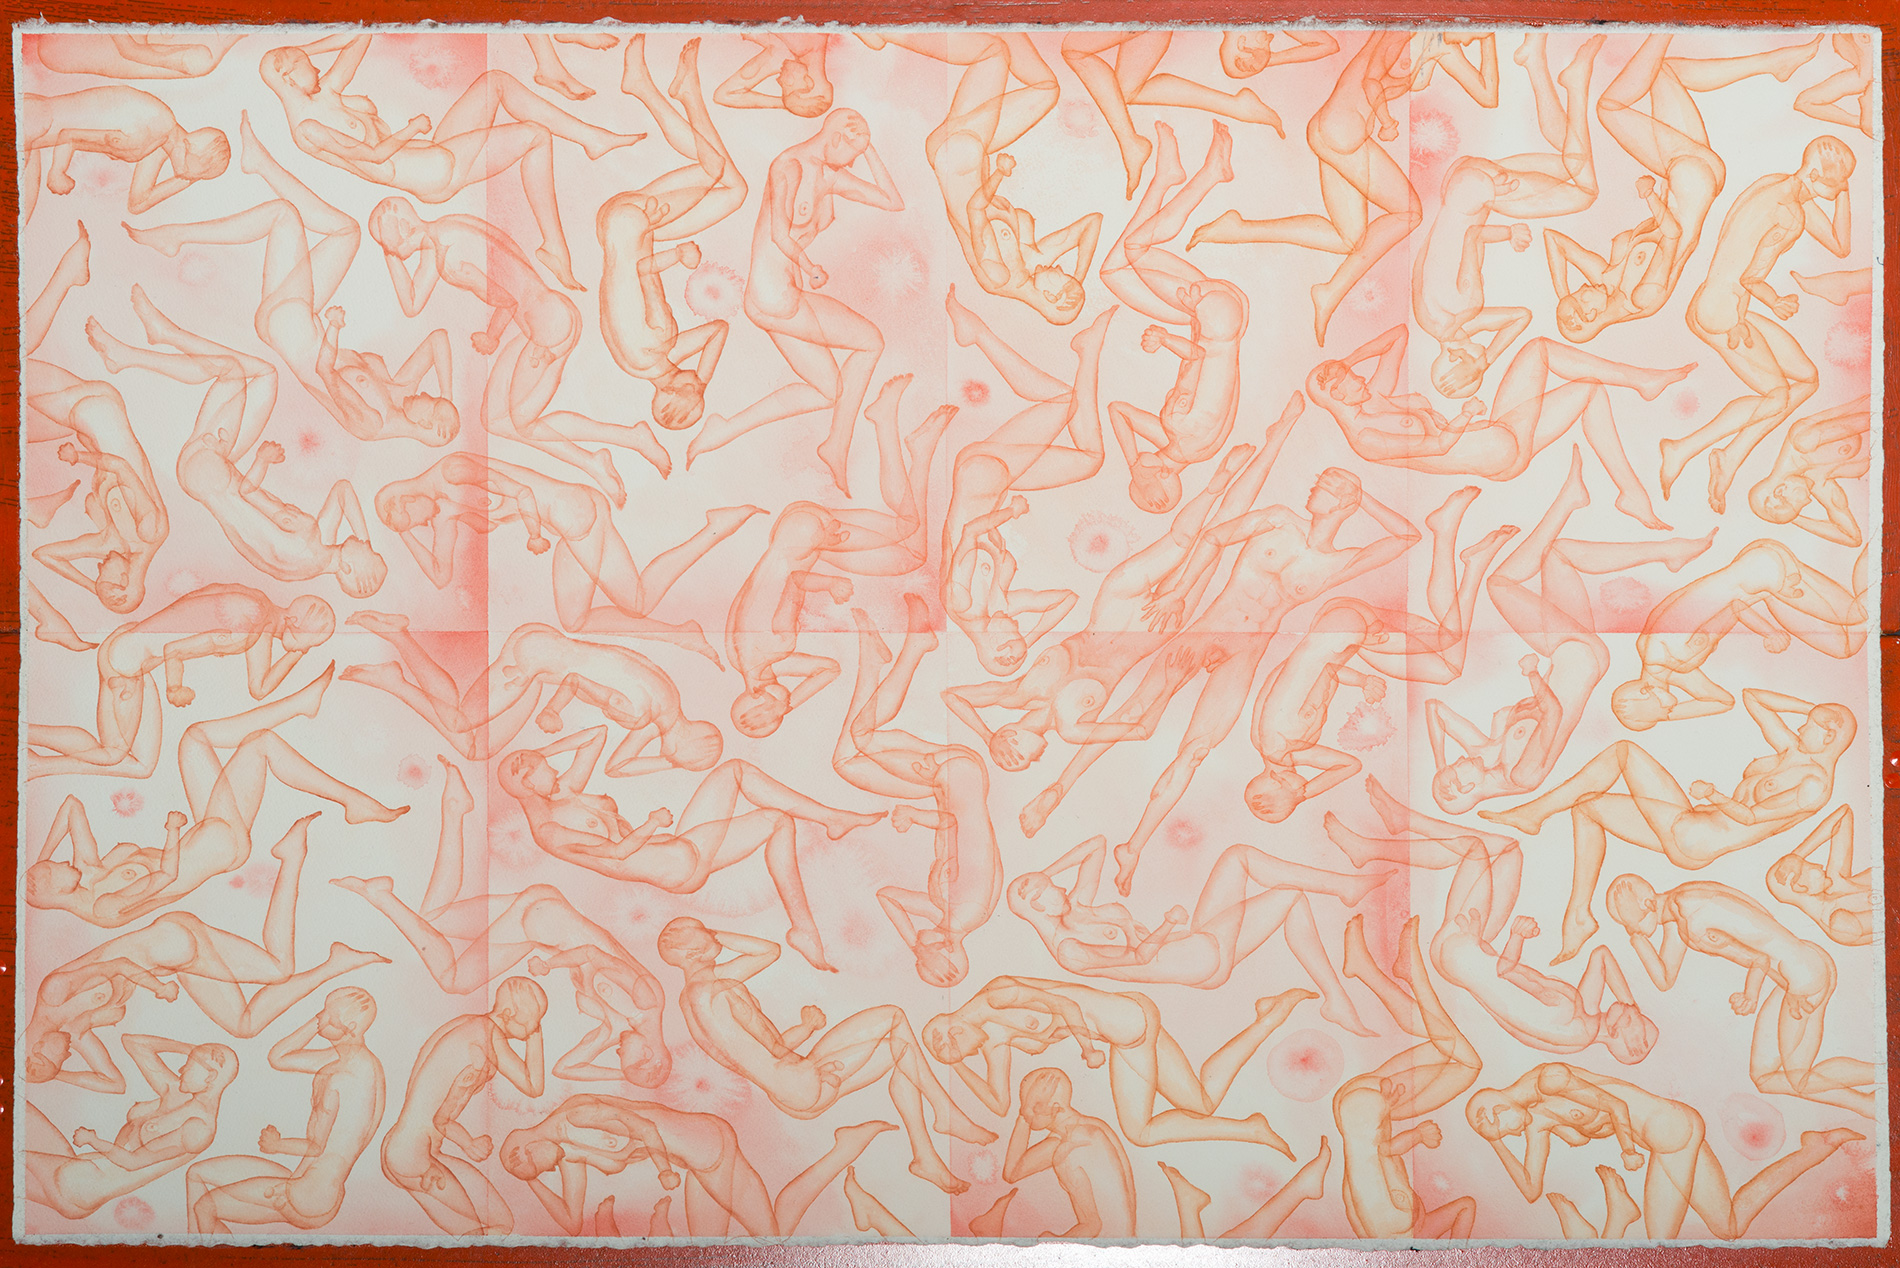 Stefano Bonzano, Omeostasi emotiva, acquerello su carta applicato su due pannelli, 65x105 cm, 2019.